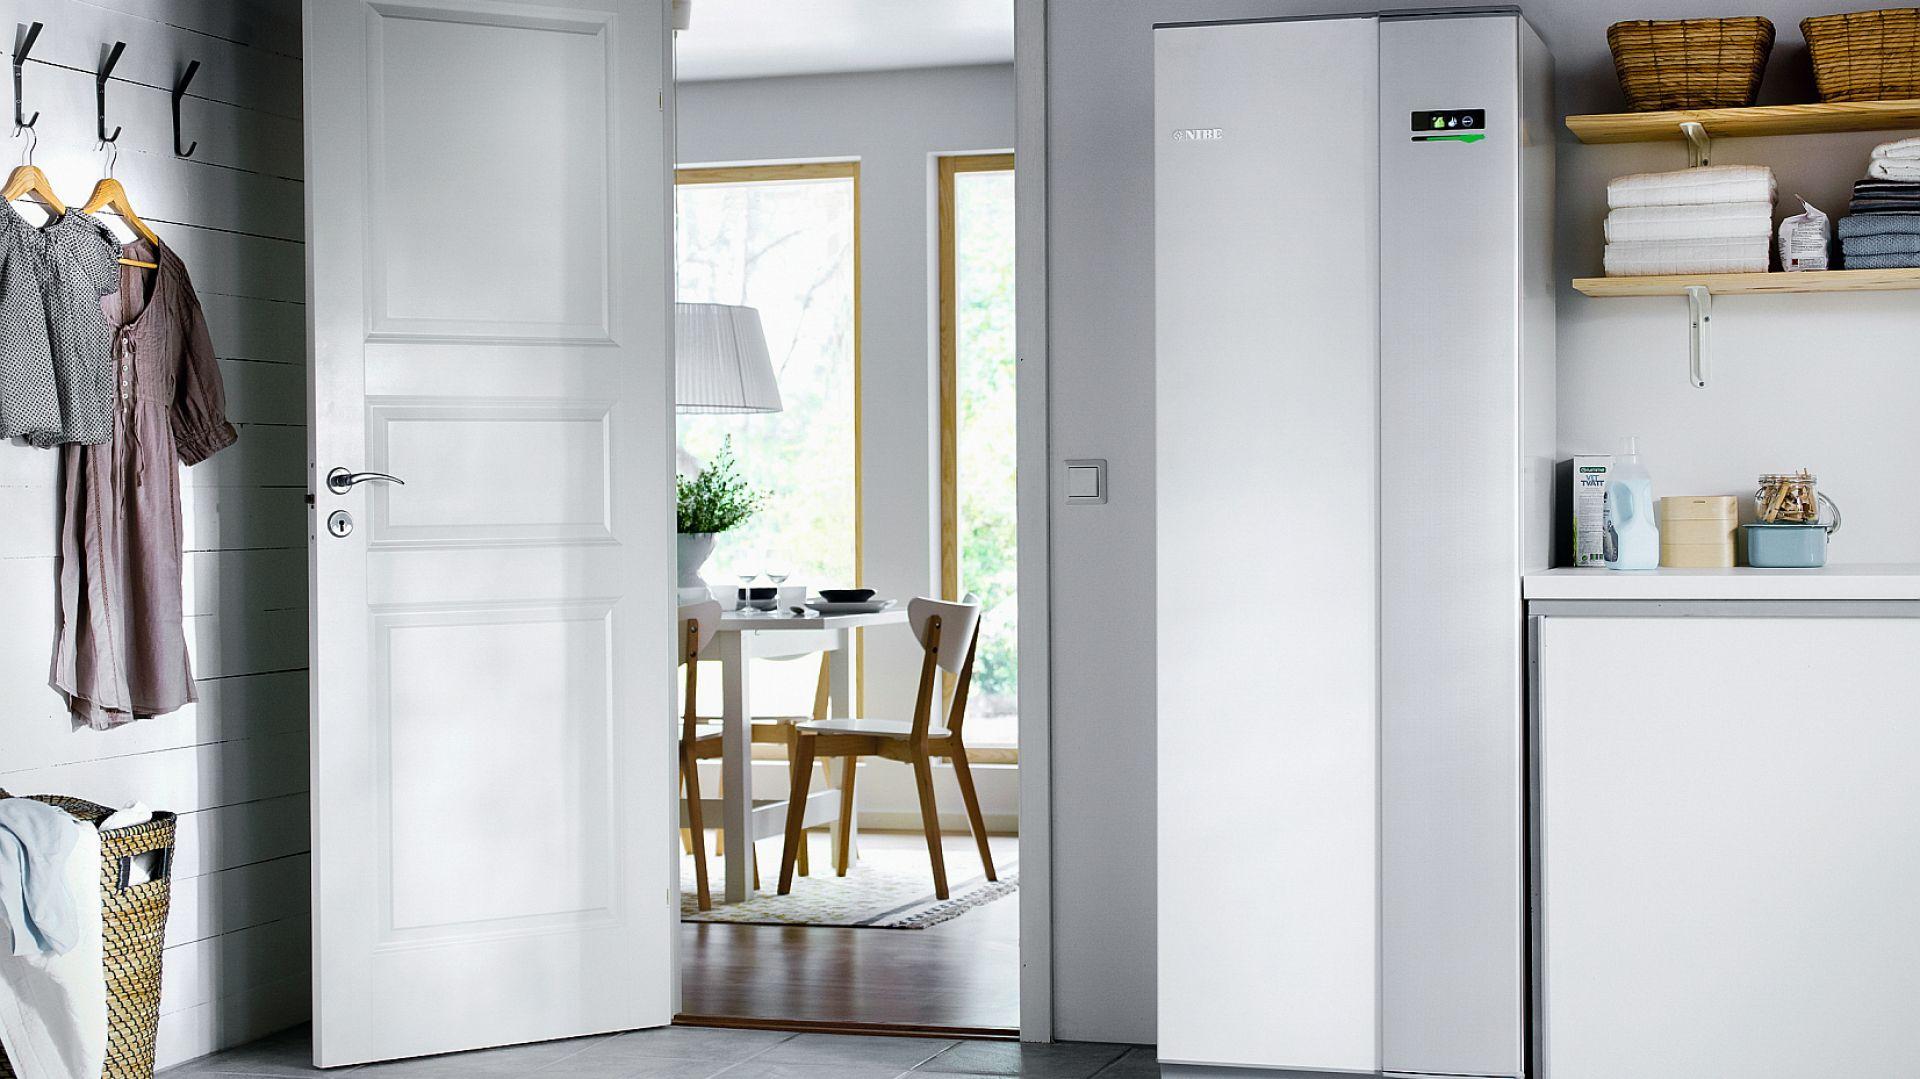 Na uwagę zasługuje nowoczesny design pomp ciepła. Dzięki temu nie ma konieczności ukrywania tych urządzeń w niewidocznym miejscu. Fot. NIBE